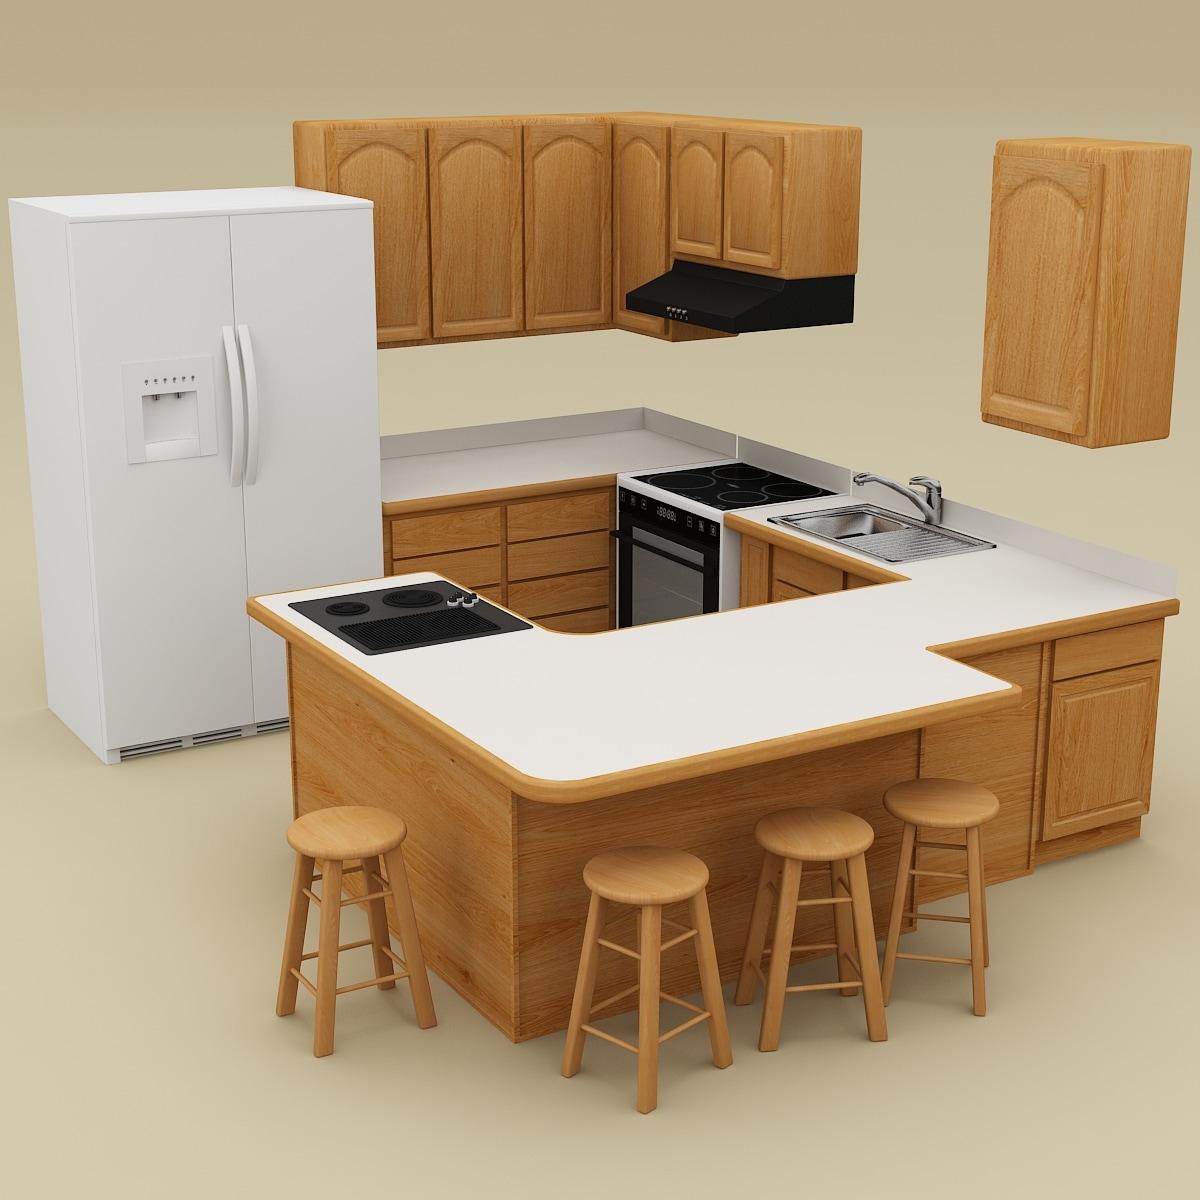 Kitchen_V20_001.jpg